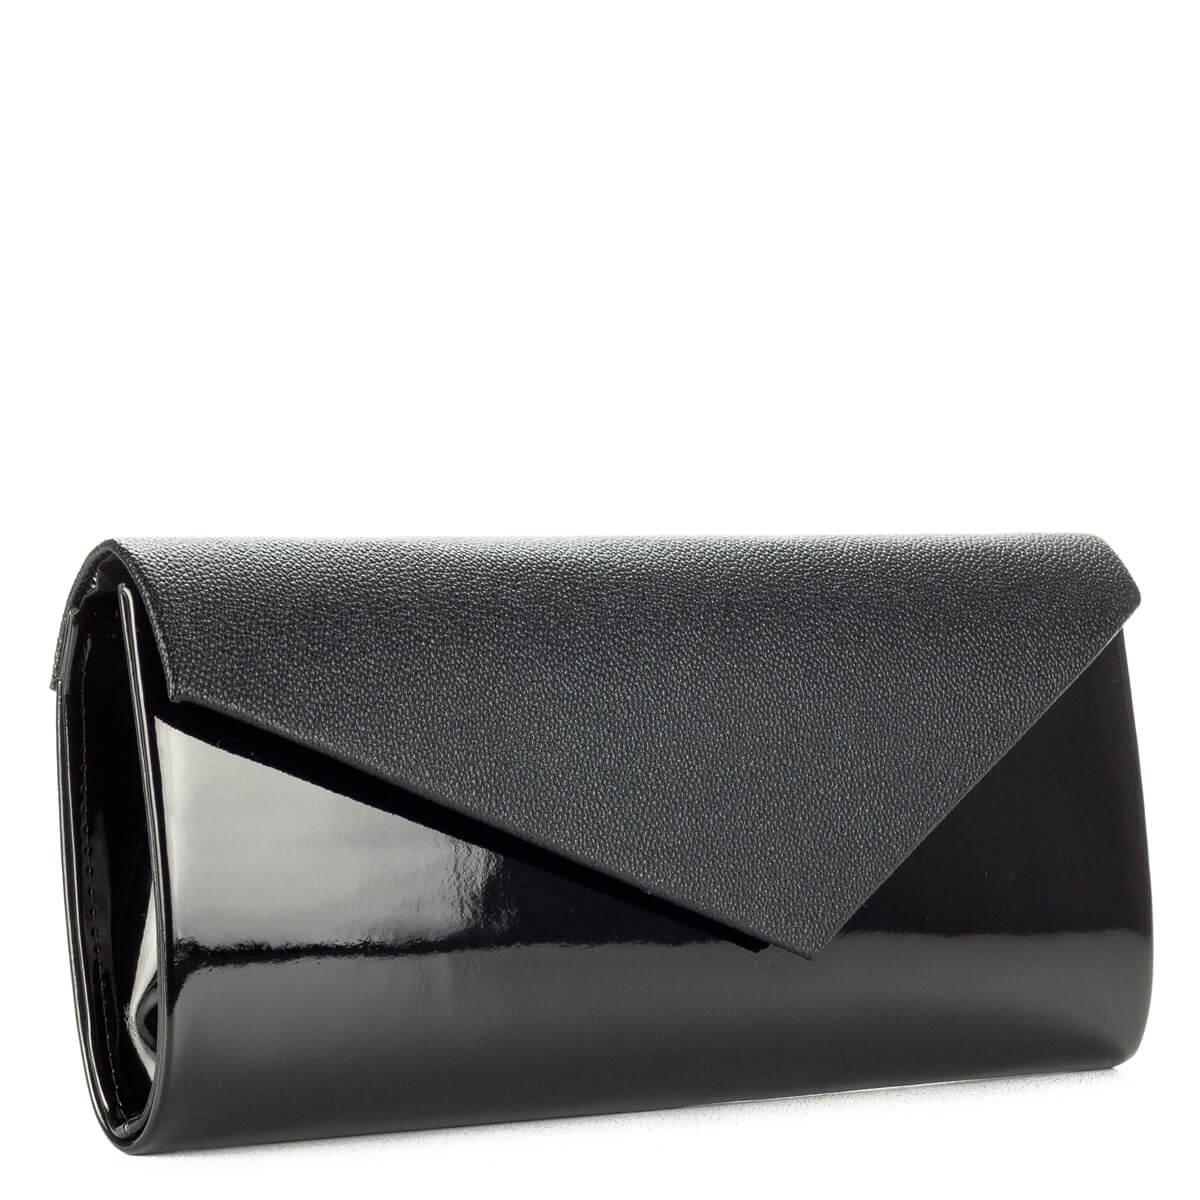 Prestige fekete női borítéktáska. Elegáns női alkalmi táska kombinált anyaggal, hosszú levehető vállpánttal. - ChiX Női Cipő- és Táska webáruház